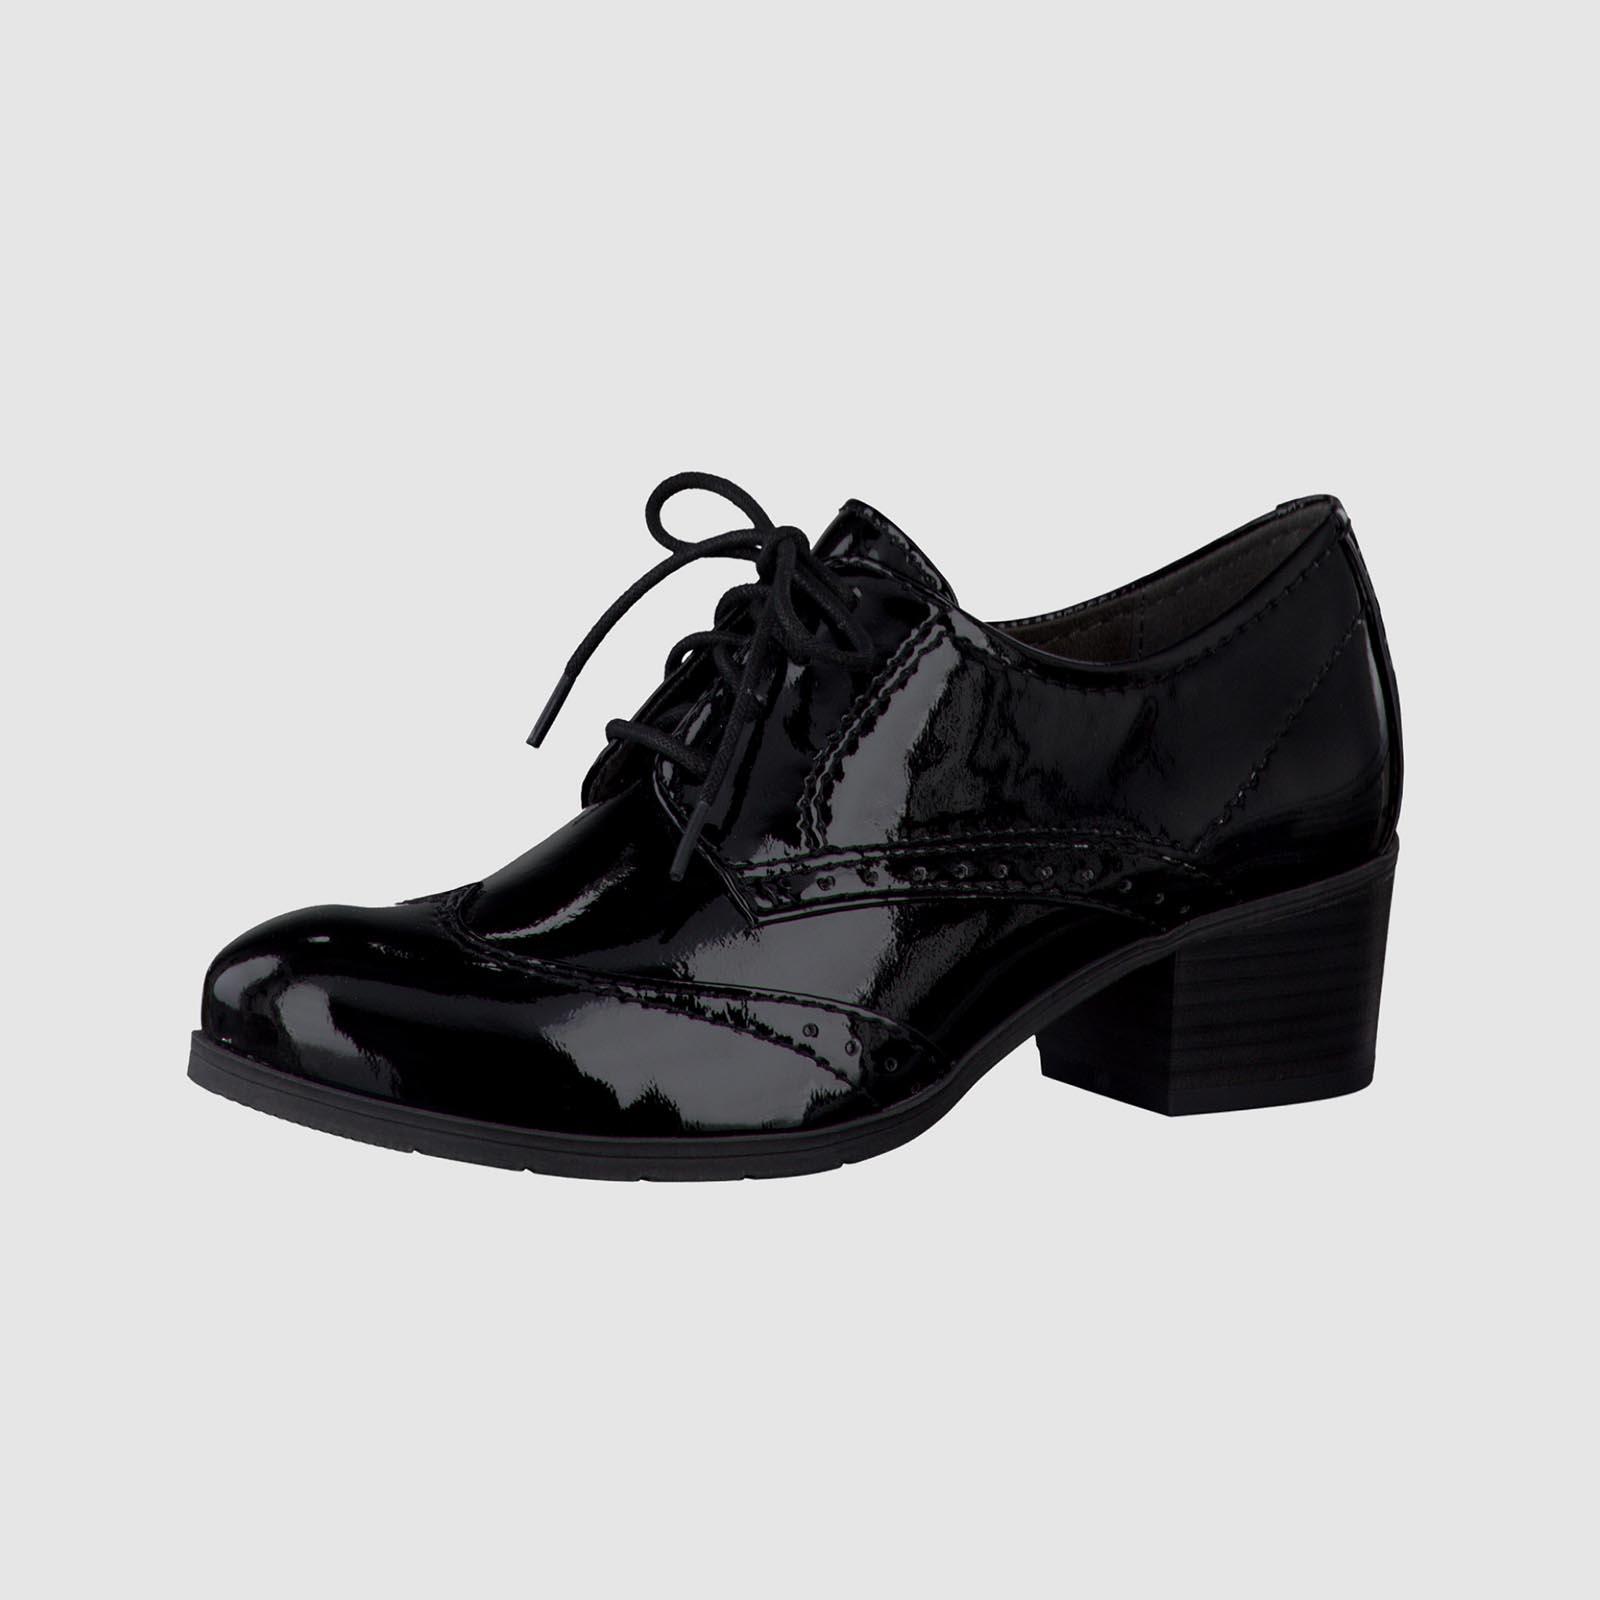 Ботинки женские лакированные на шнуровке